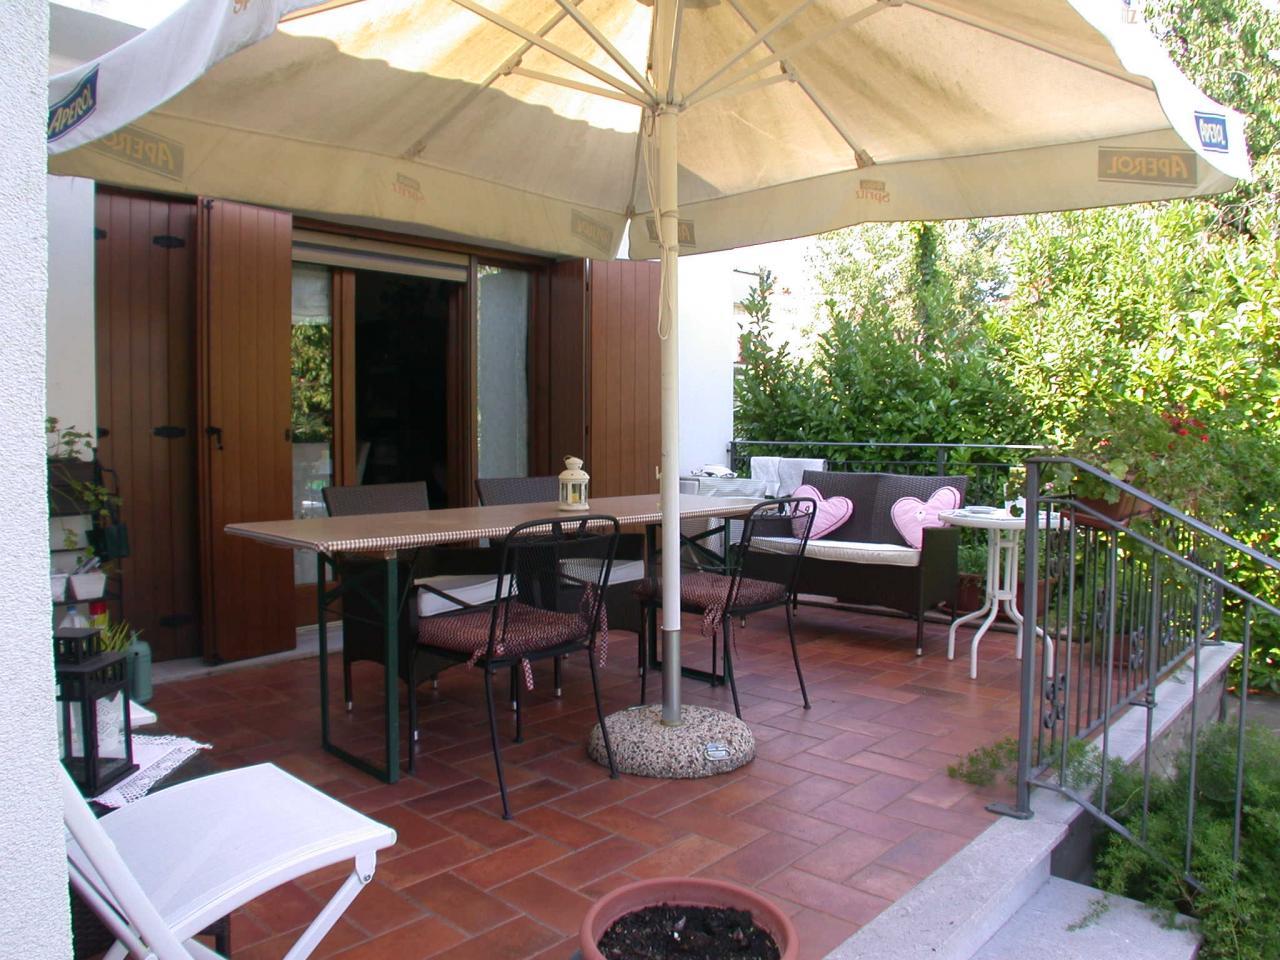 Soluzione Indipendente in vendita a Gorizia, 7 locali, zona Zona: Semicentro, prezzo € 260.000 | CambioCasa.it